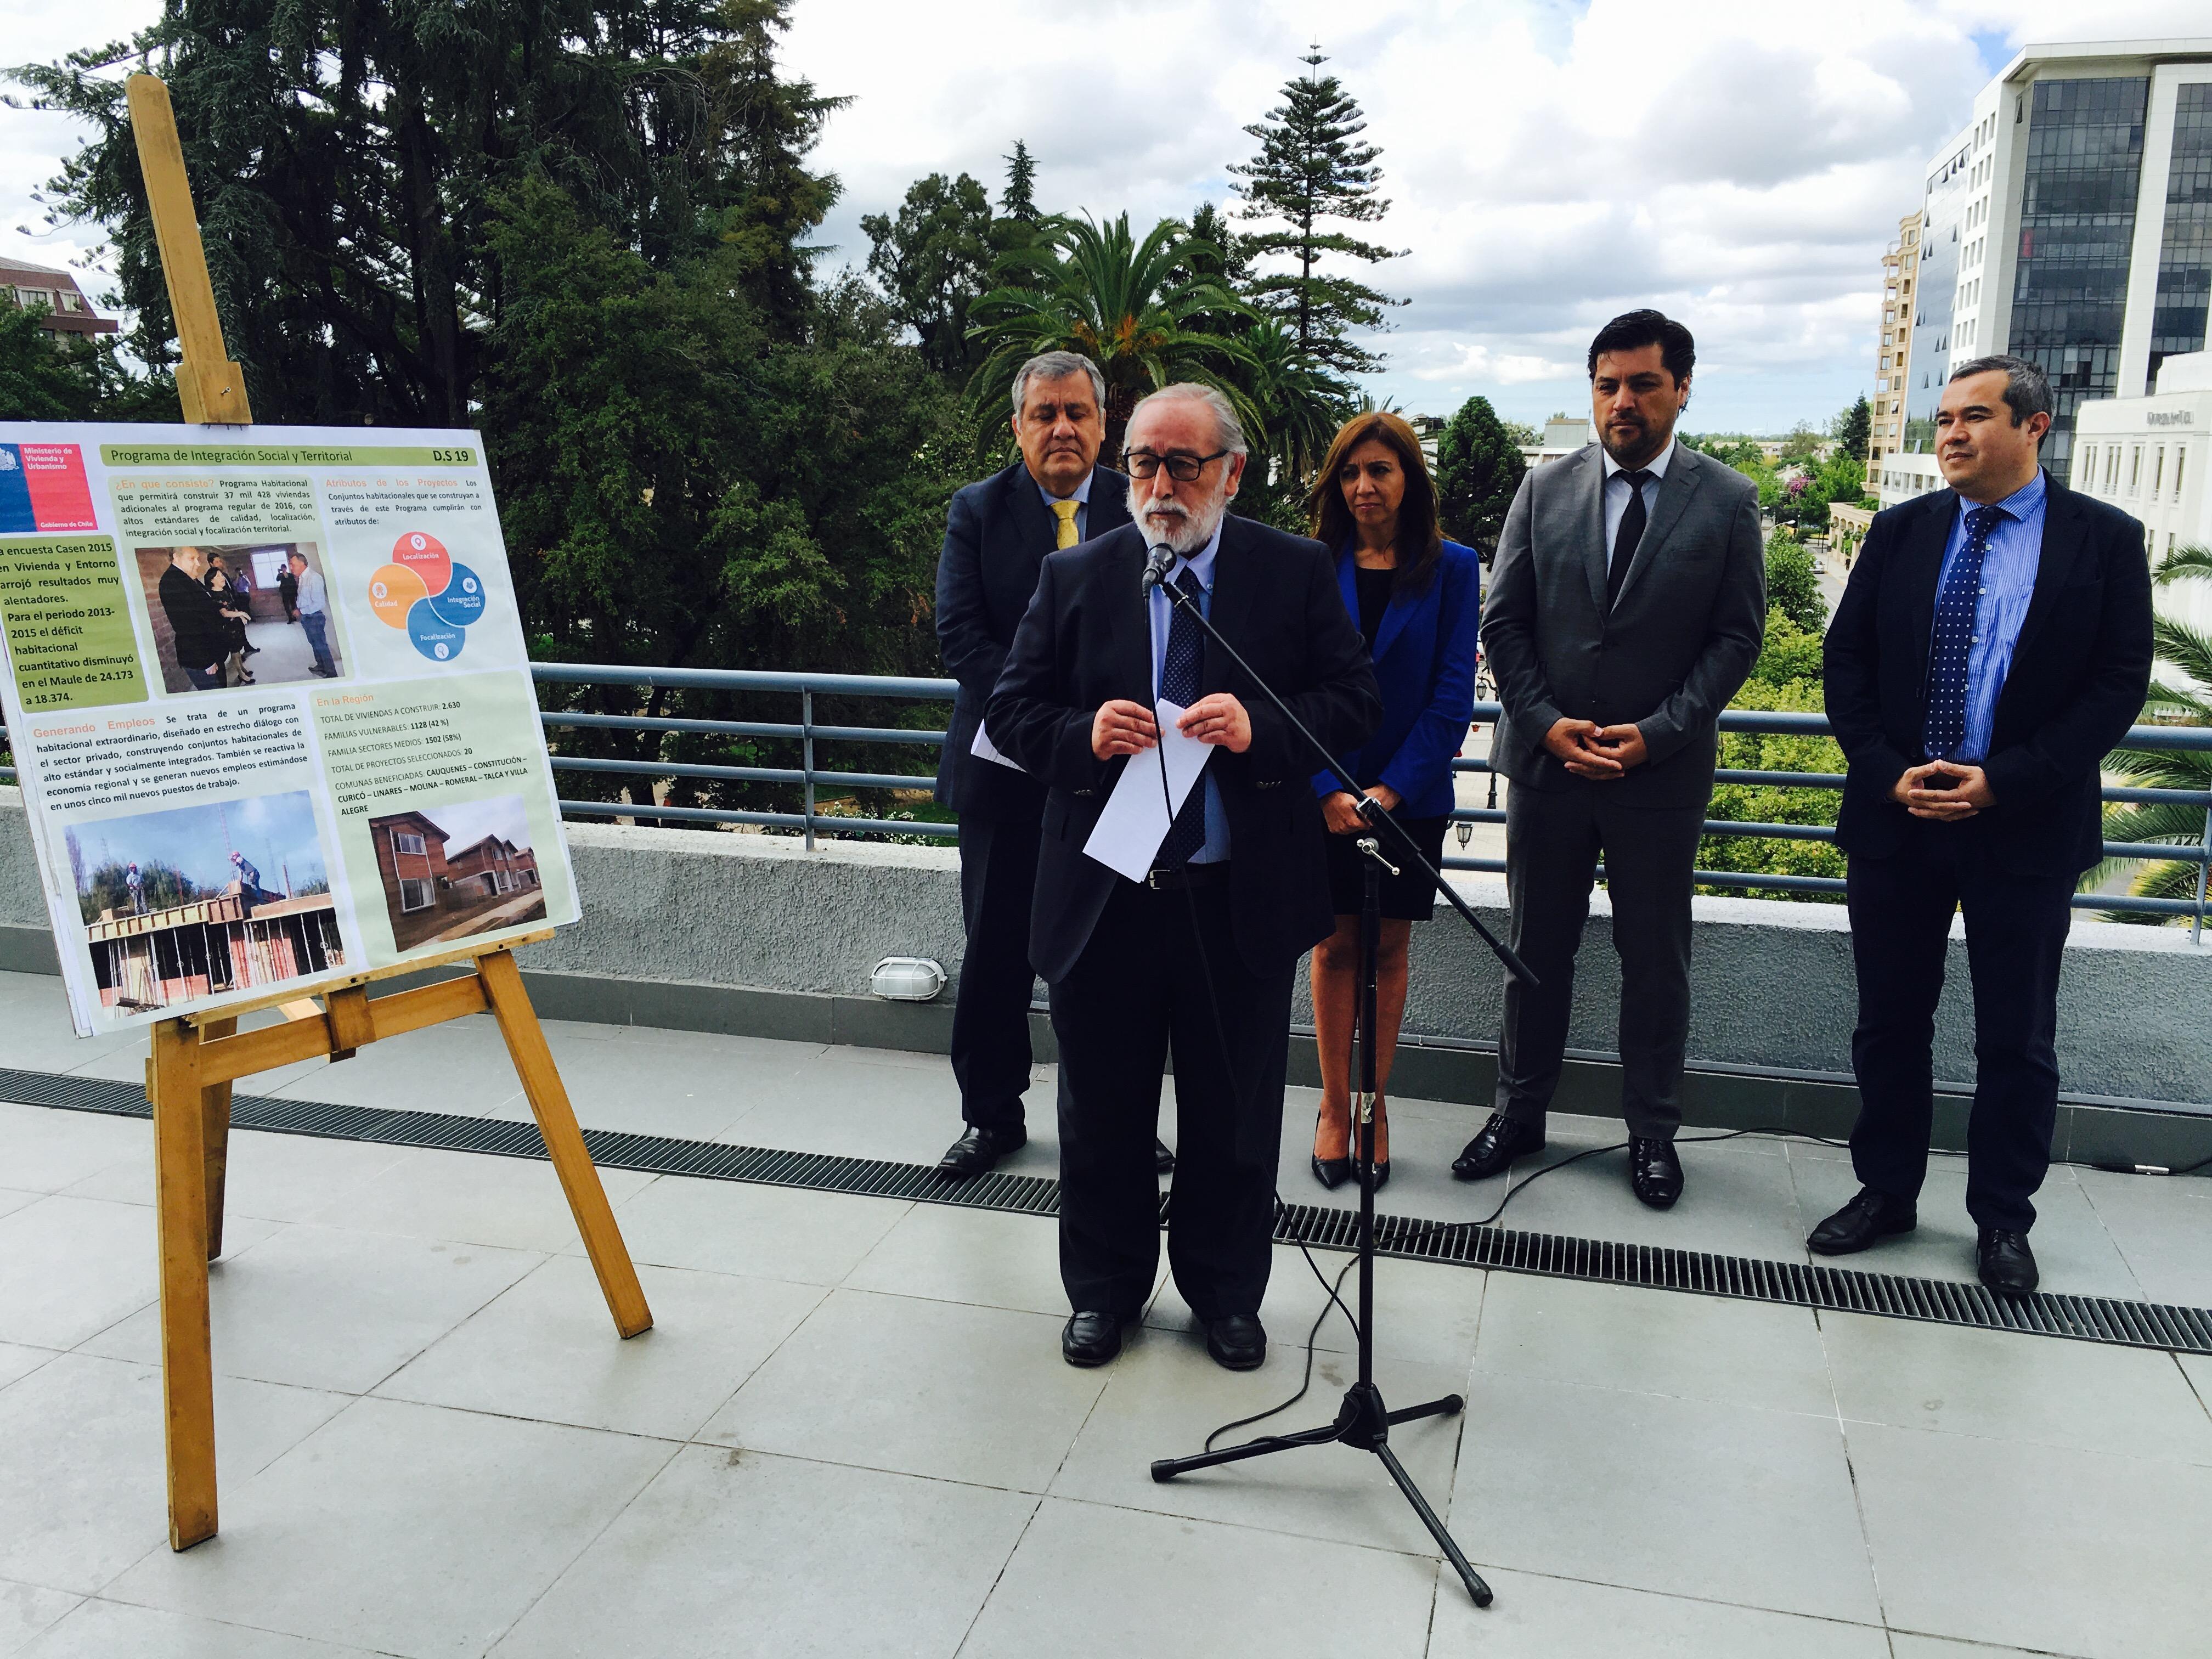 Autoridades anuncian construcción de más de 2.600 nuevas viviendas para sectores medios y vulnerables